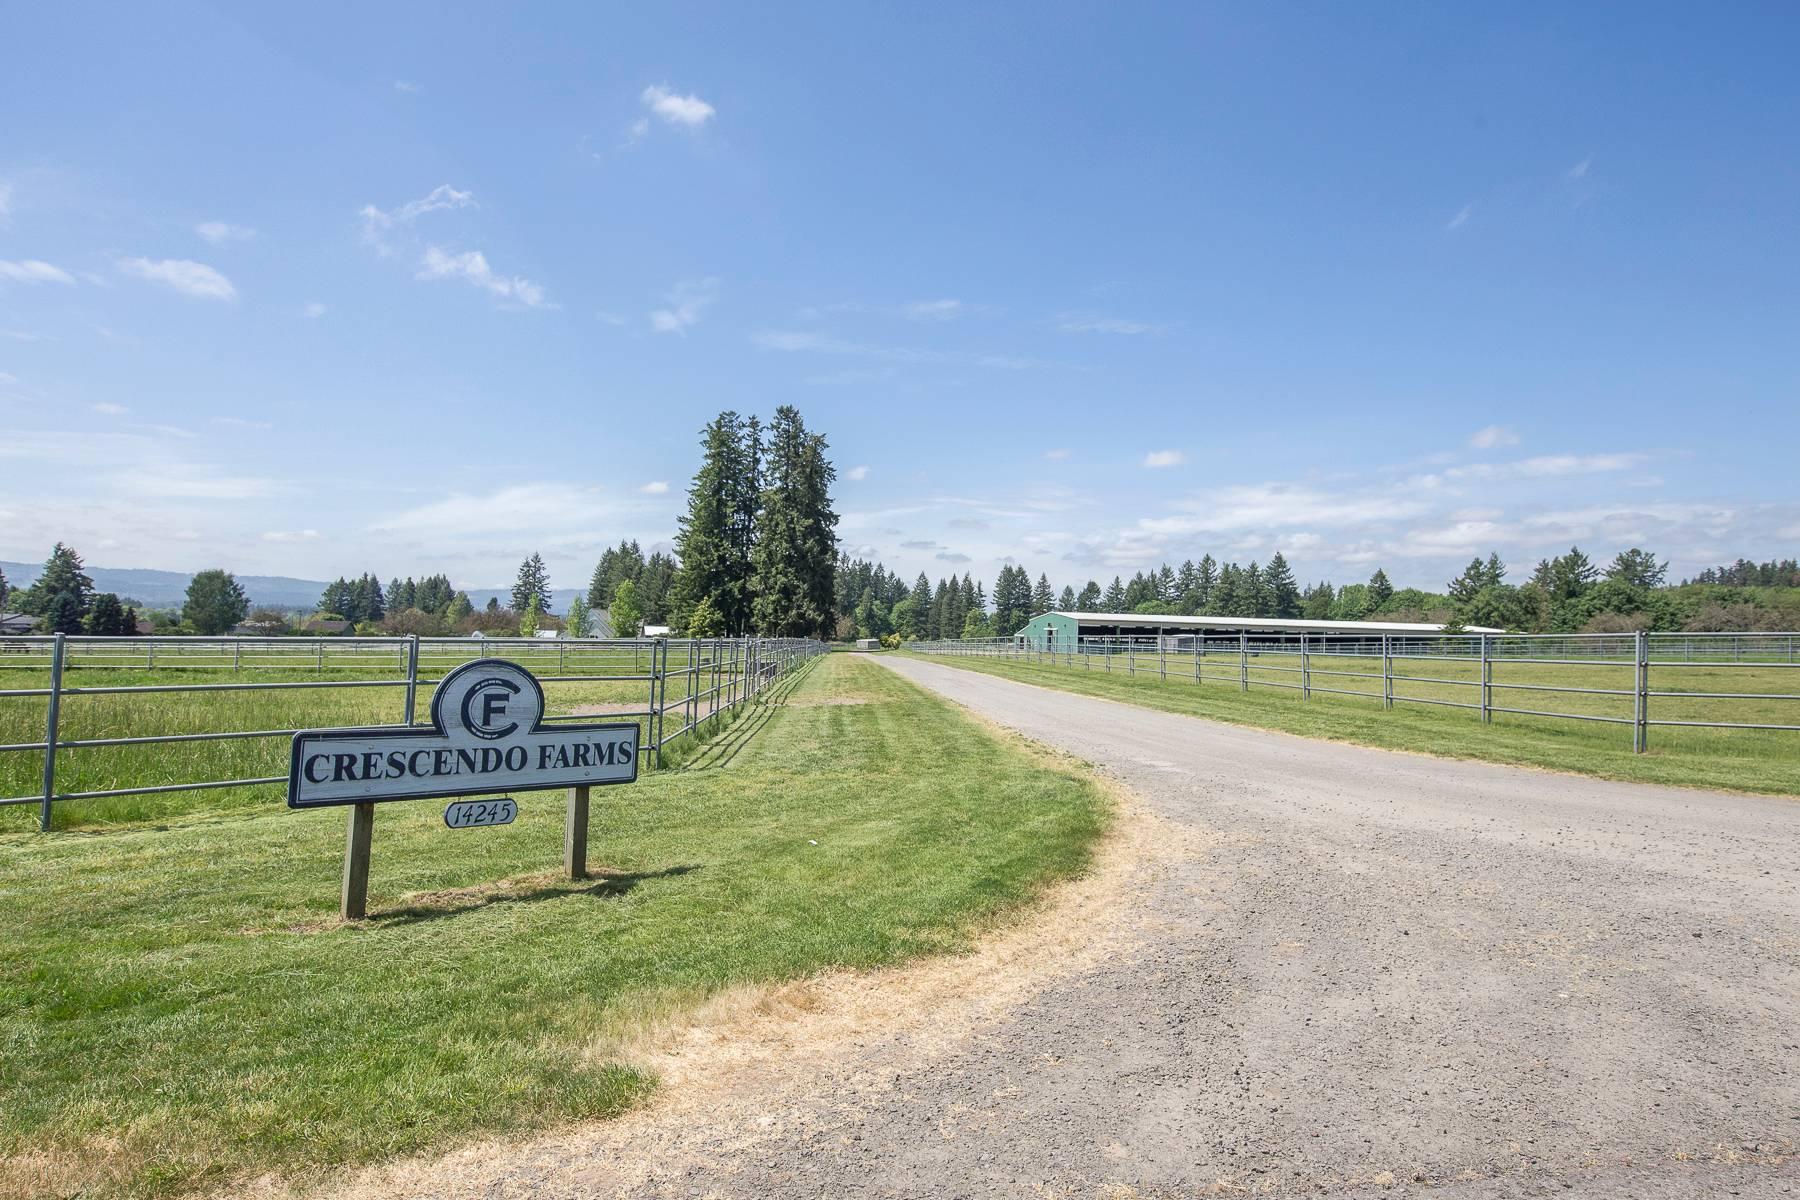 Crescendo Sign and Driveway